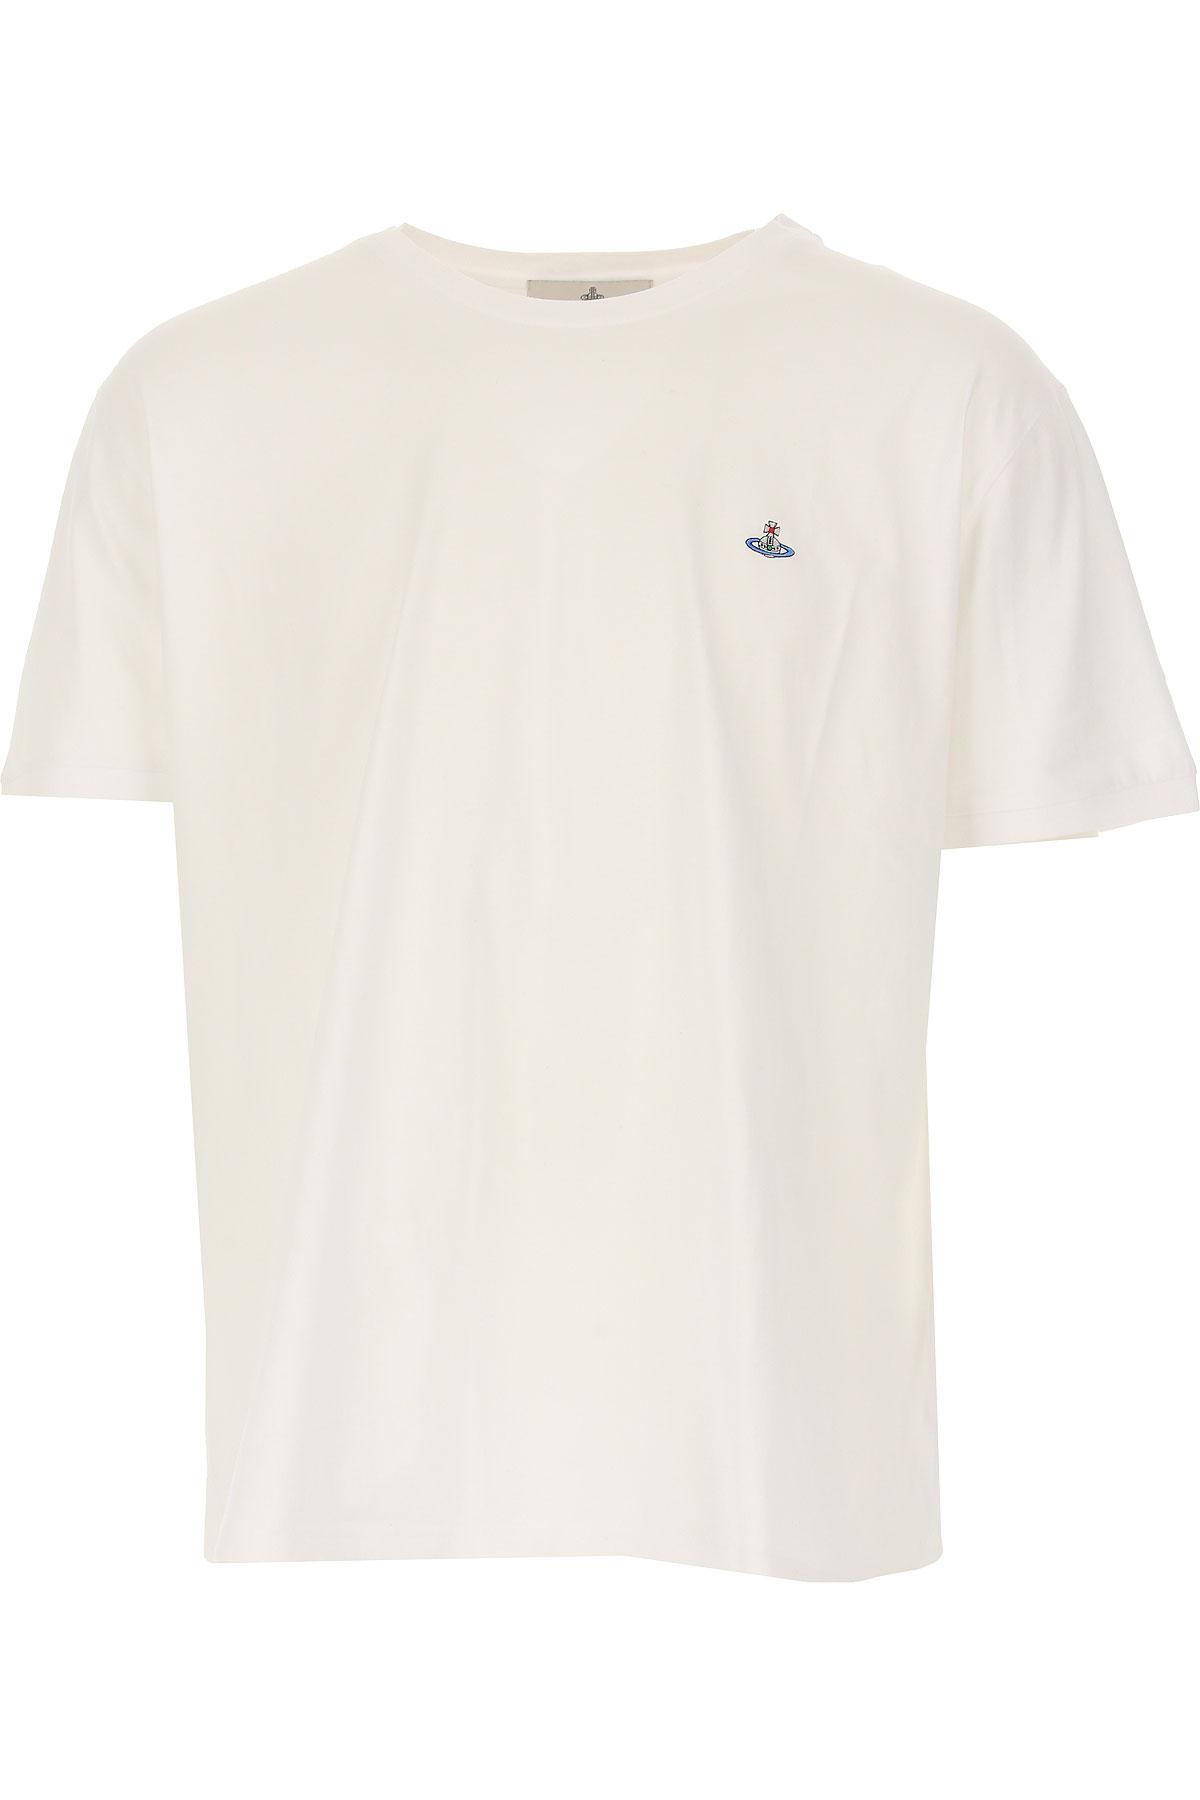 Vivienne Westwood T-shirt Homme Pas Cher En Soldes, Blanc, Coton, 2019, L M S XL XS